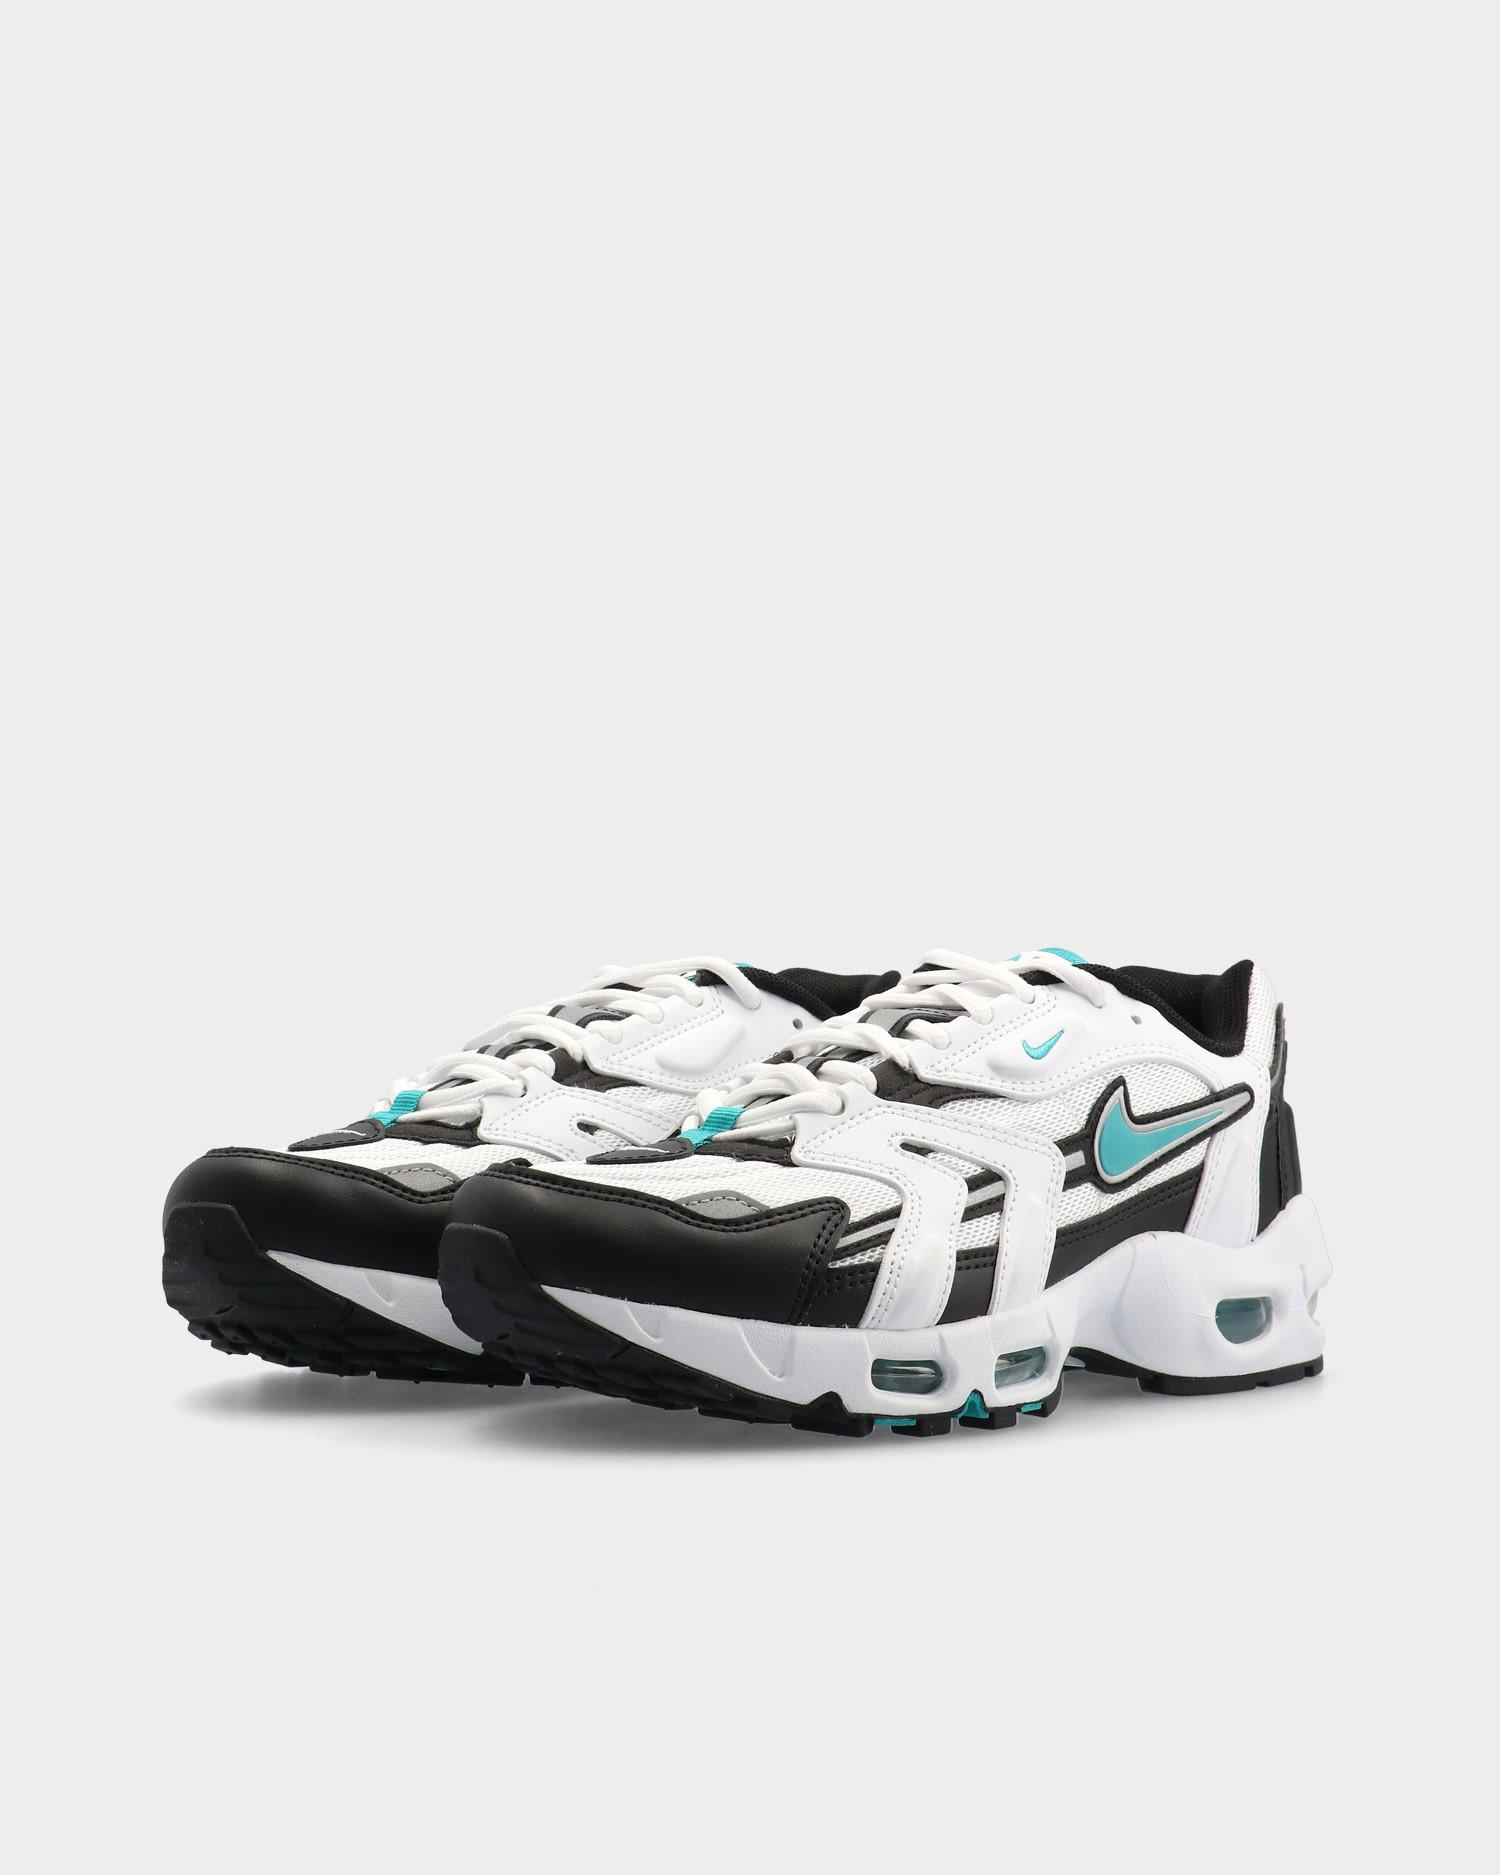 Nike air max 96 ii White/mystic-teal-black-reflect silver